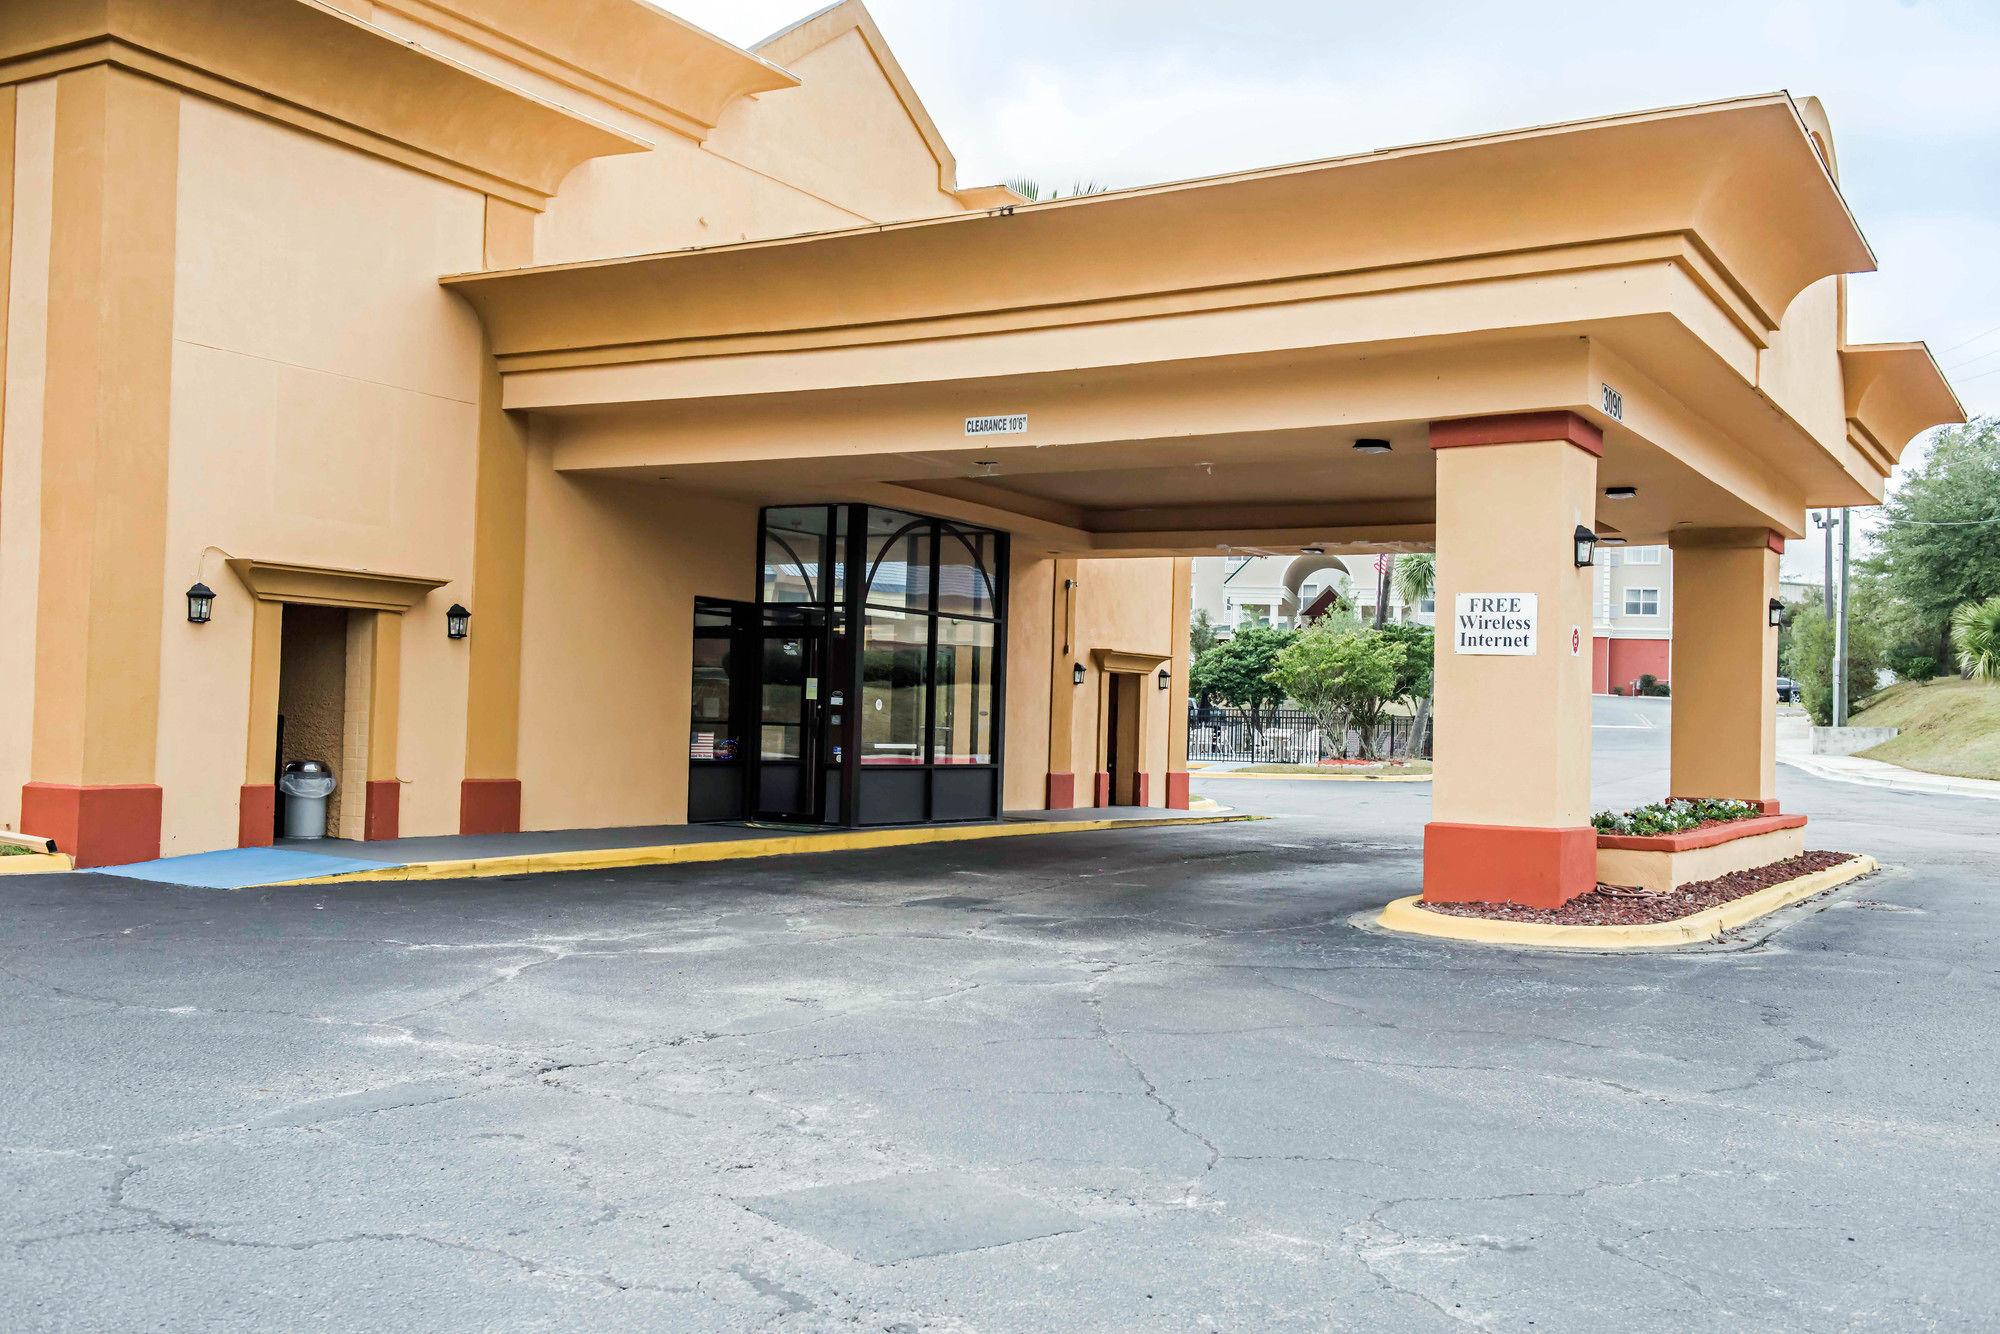 Quality Inn in Tallahassee, FL